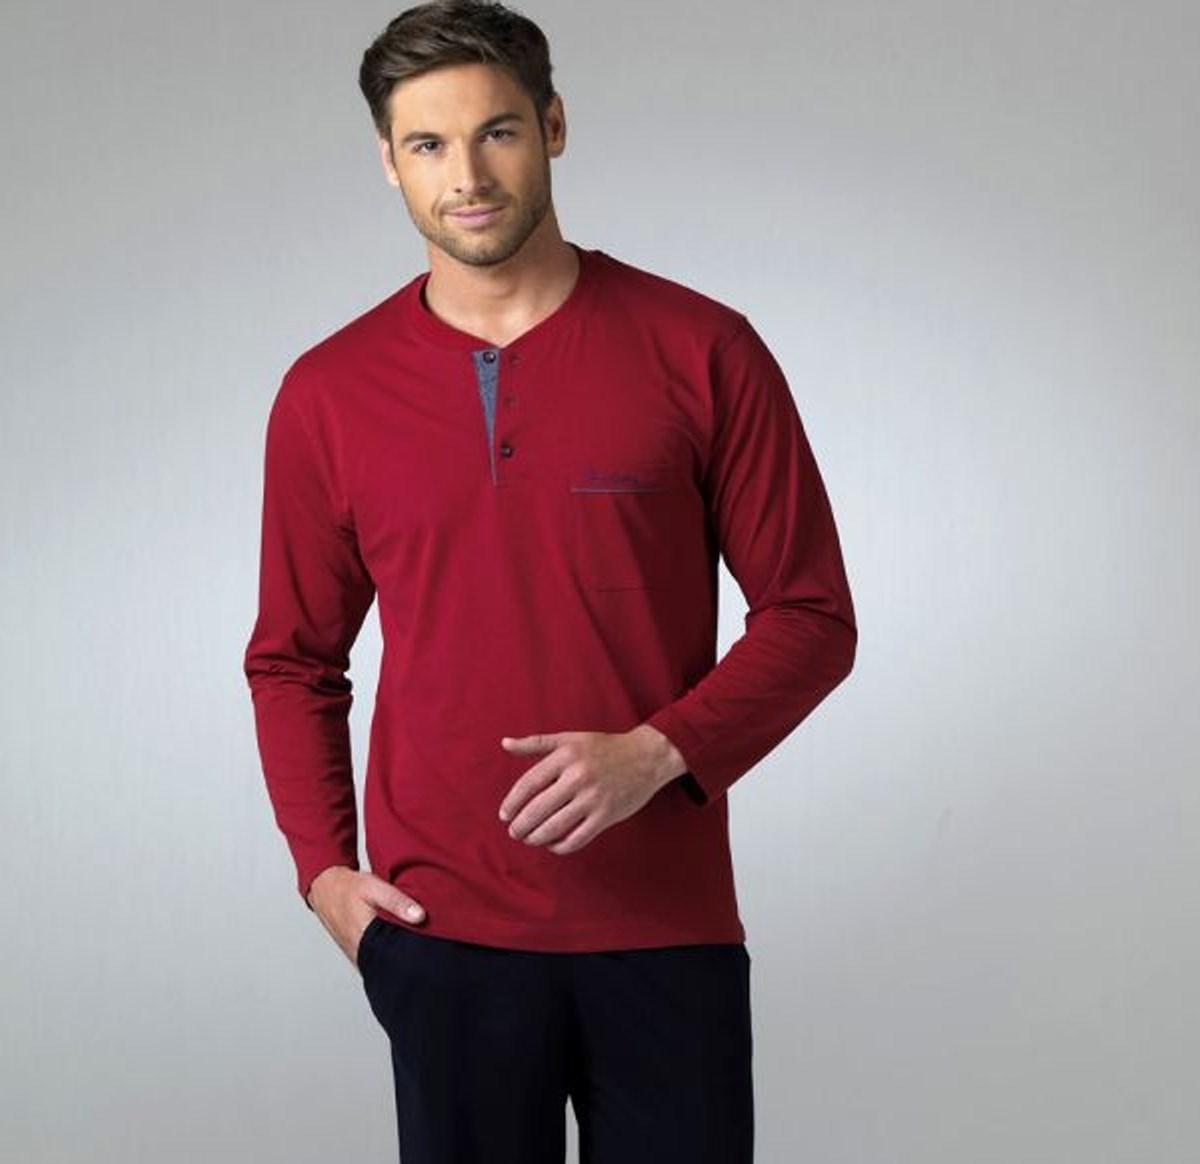 En İyi Erkek Pijama Markaları ve Modelleri Güneş Store'da!